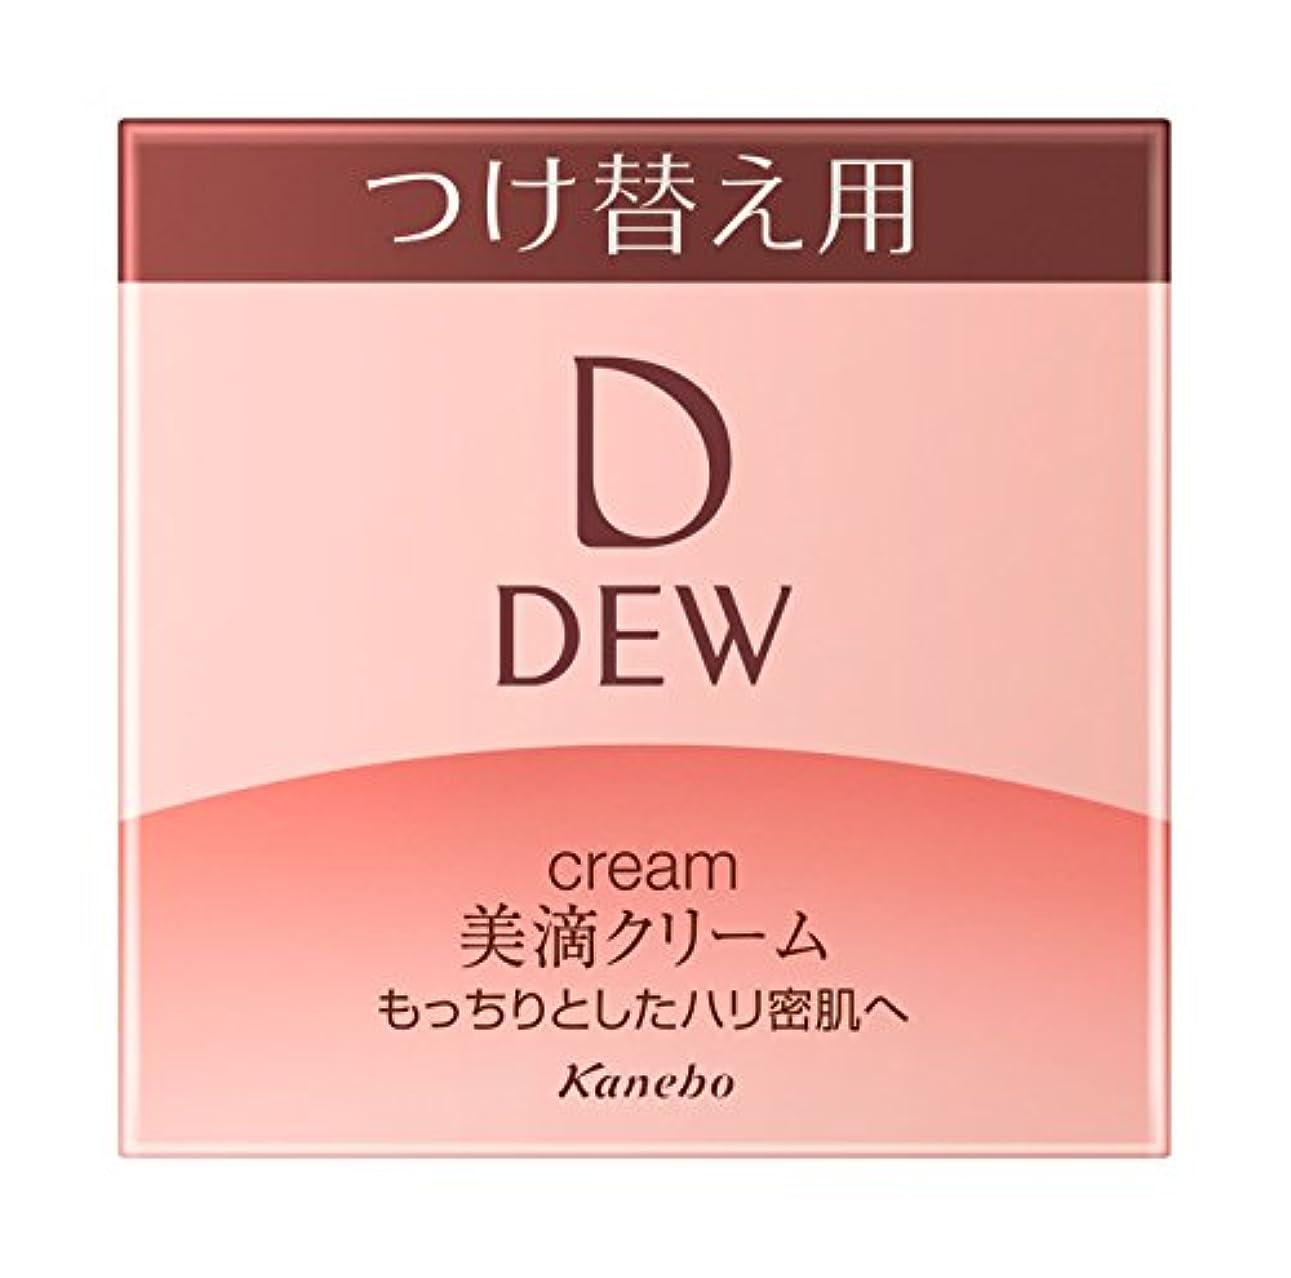 学期フォーマット苦味DEW クリーム レフィル 30g 保湿クリーム